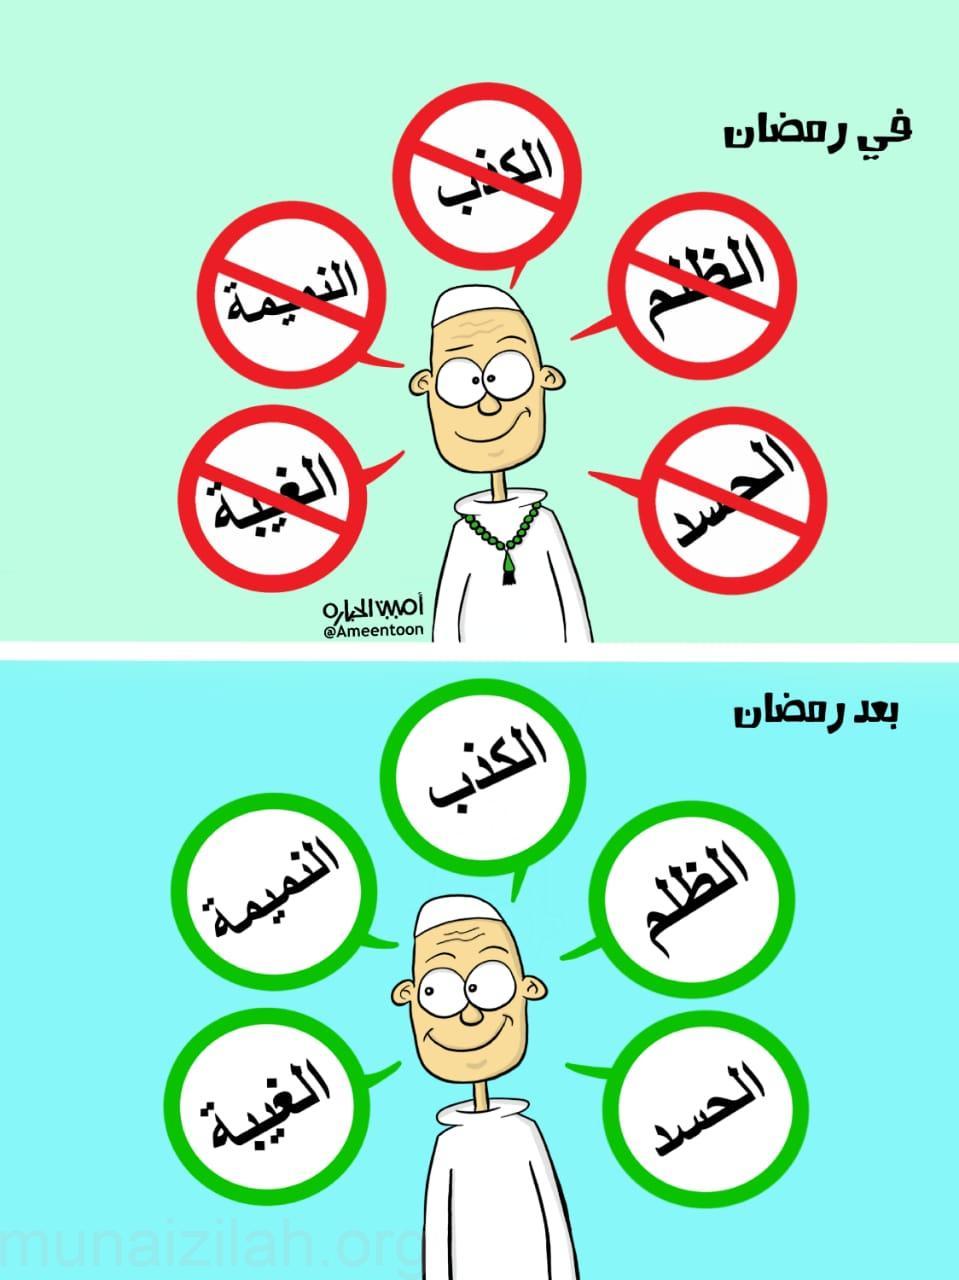 قبل وبعد رمضان